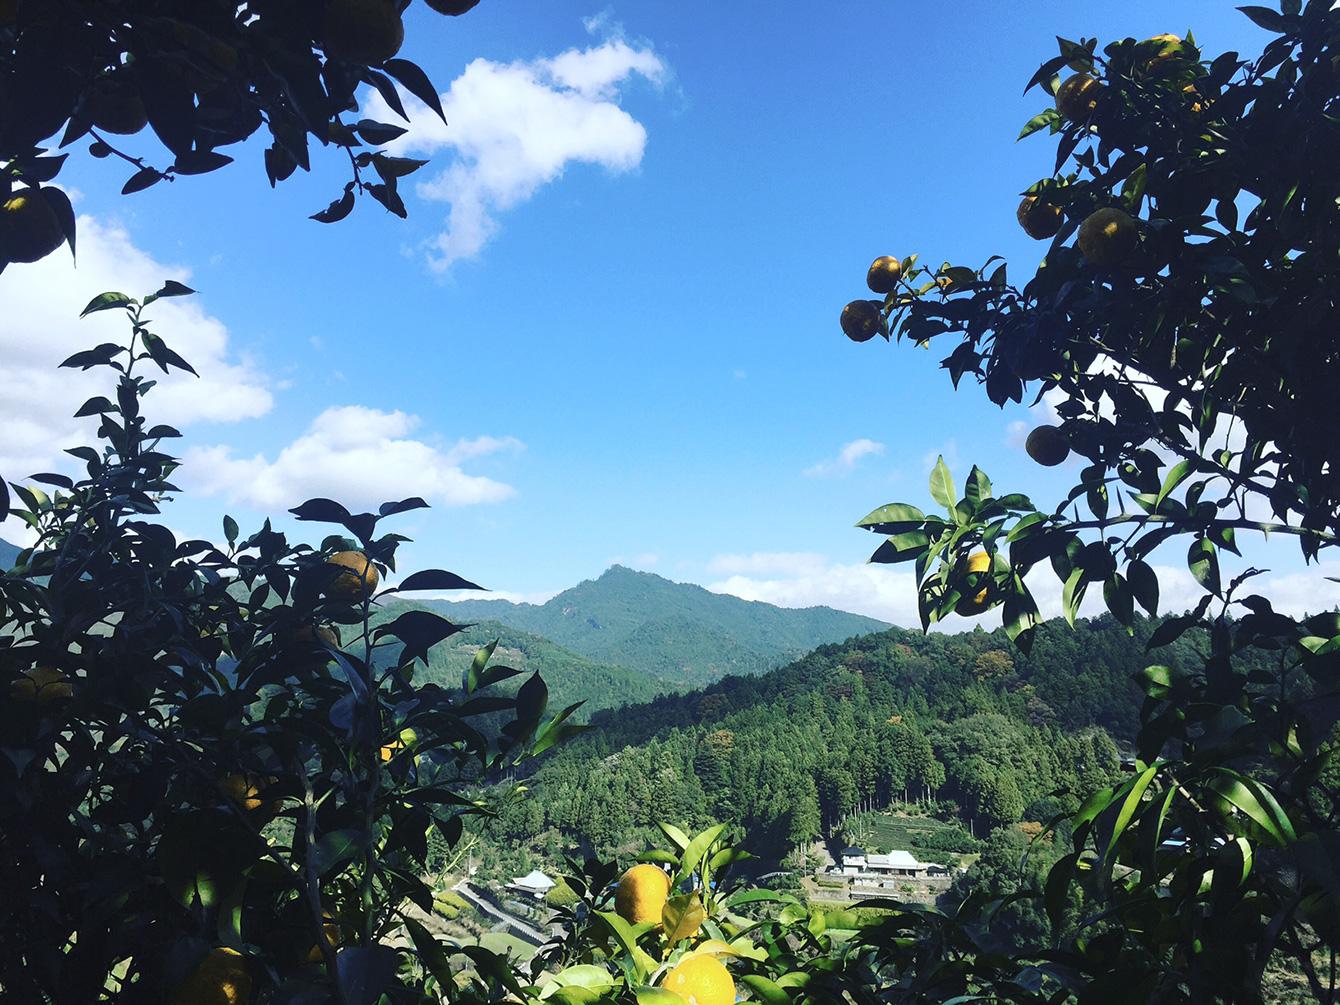 神山の特産品のひとつである柚子の木から見た神山の景色。